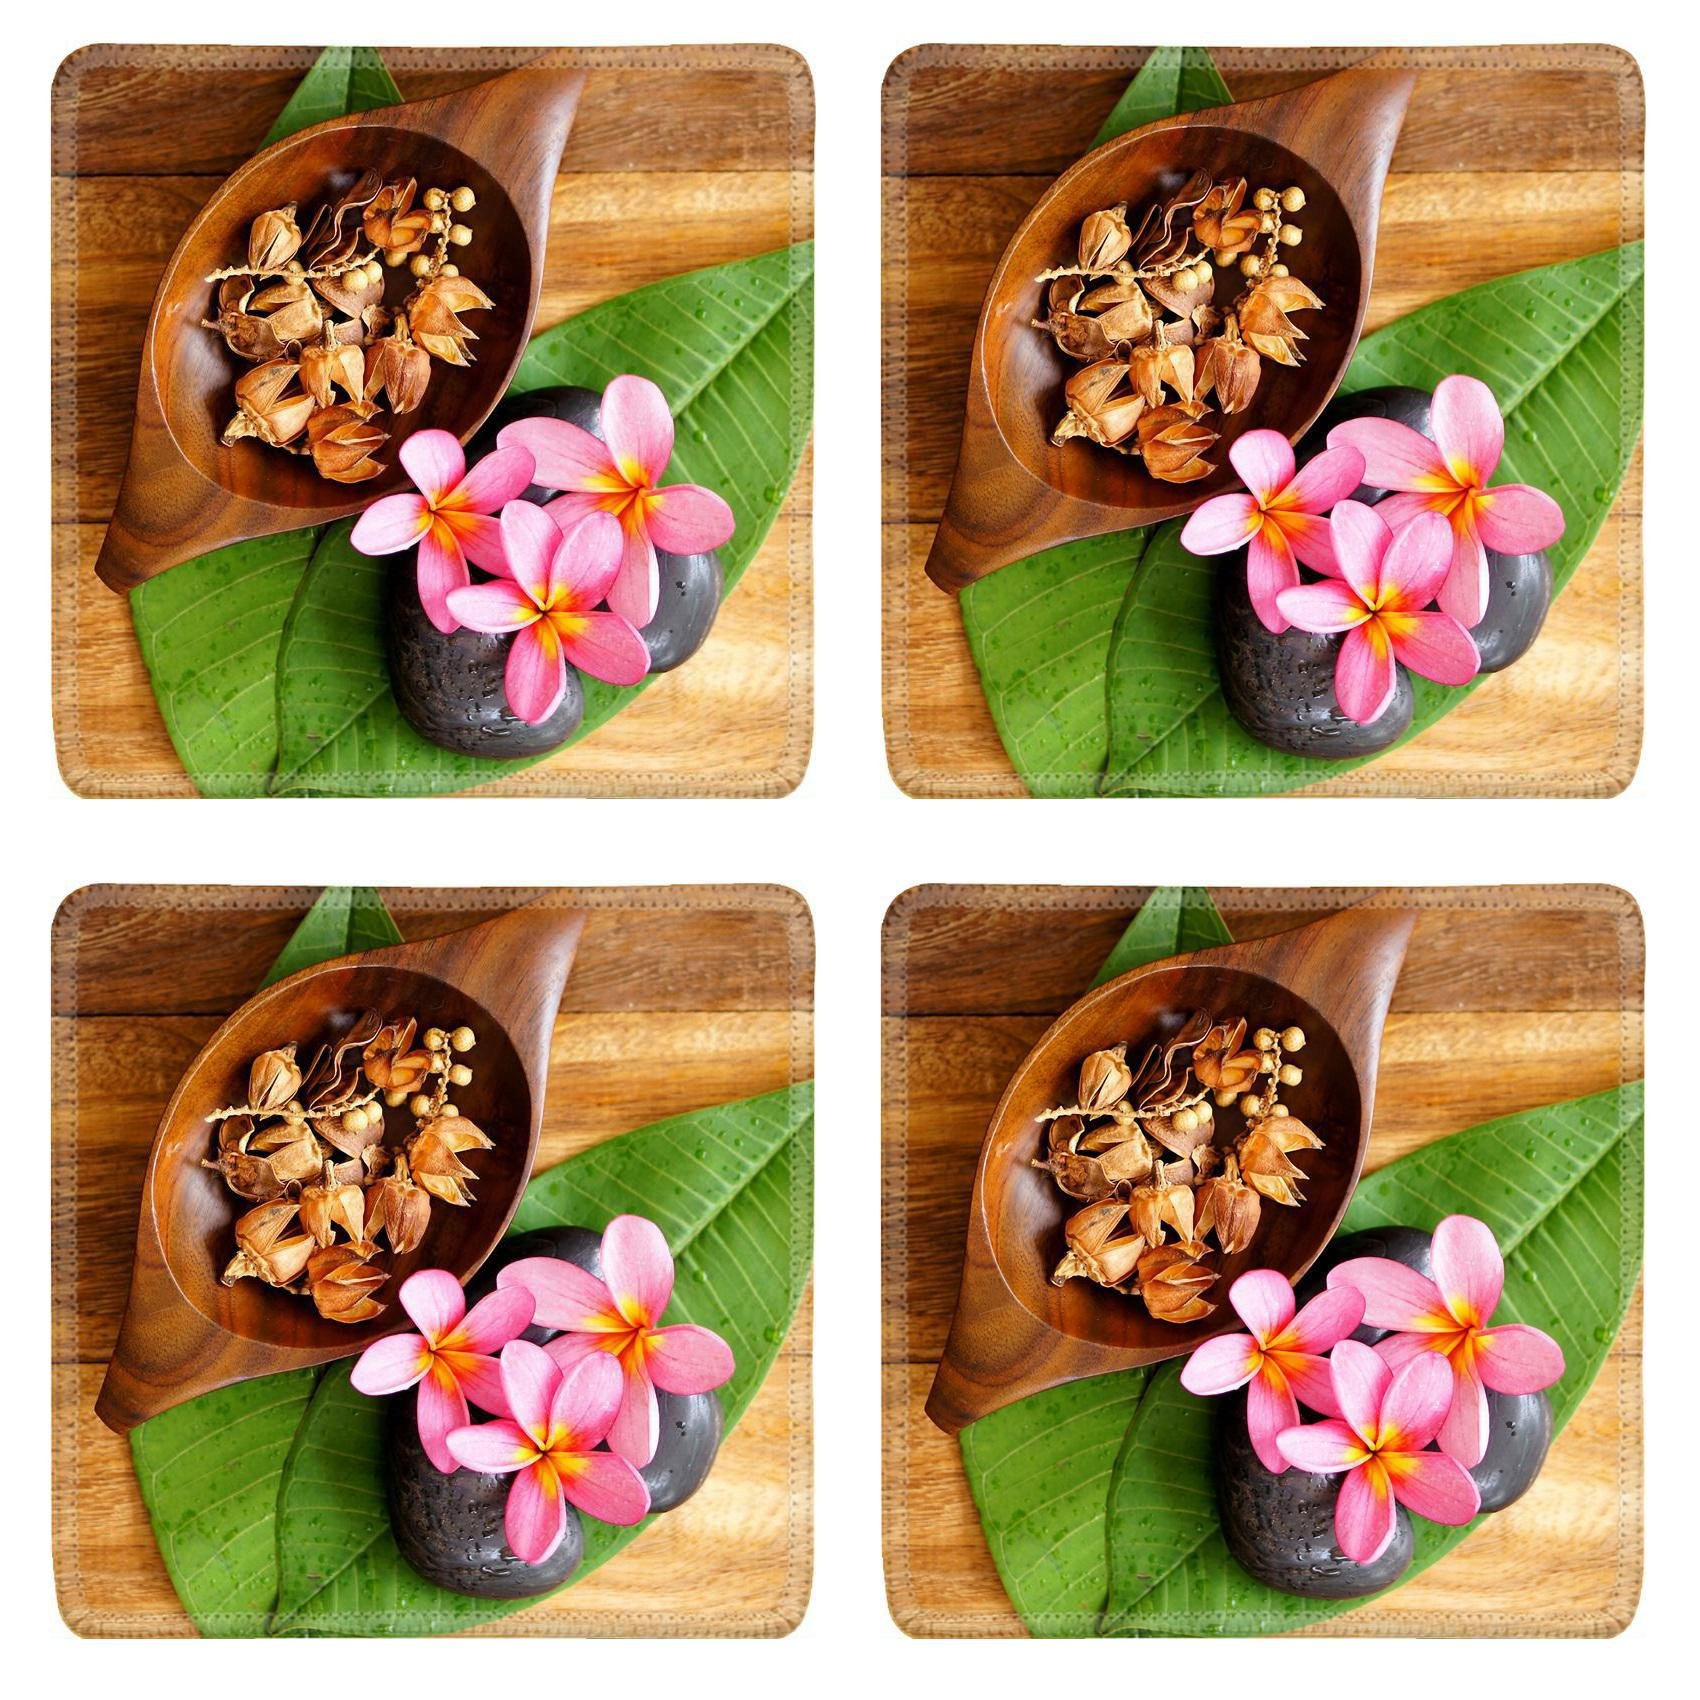 MSD Square Coasters Non-Slip Natural Rubber Desk Coasters design 23338379 Spa and Wellness concept